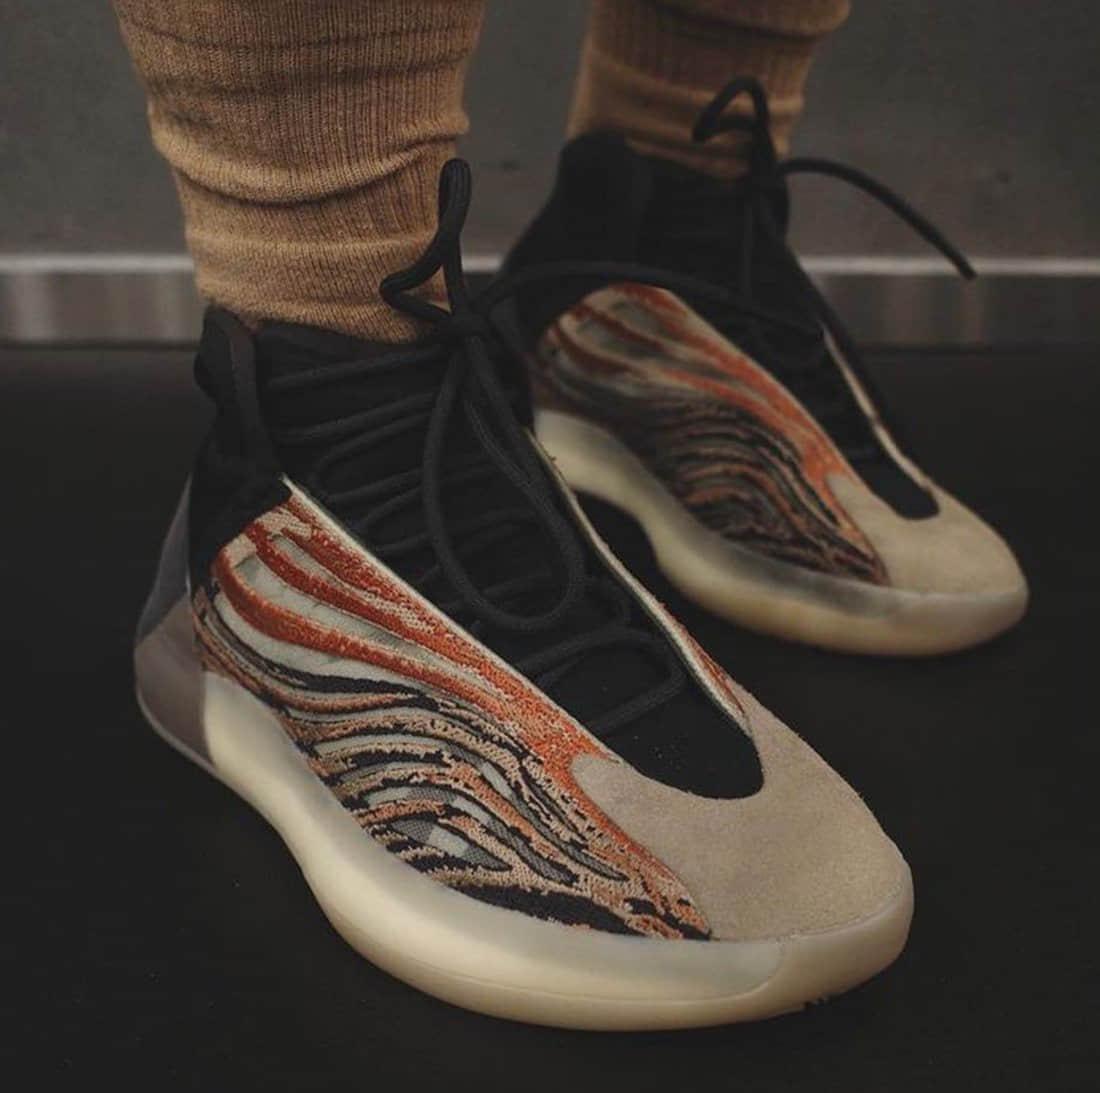 侃爷Yeezy篮球鞋又有新配色!复古潮流!